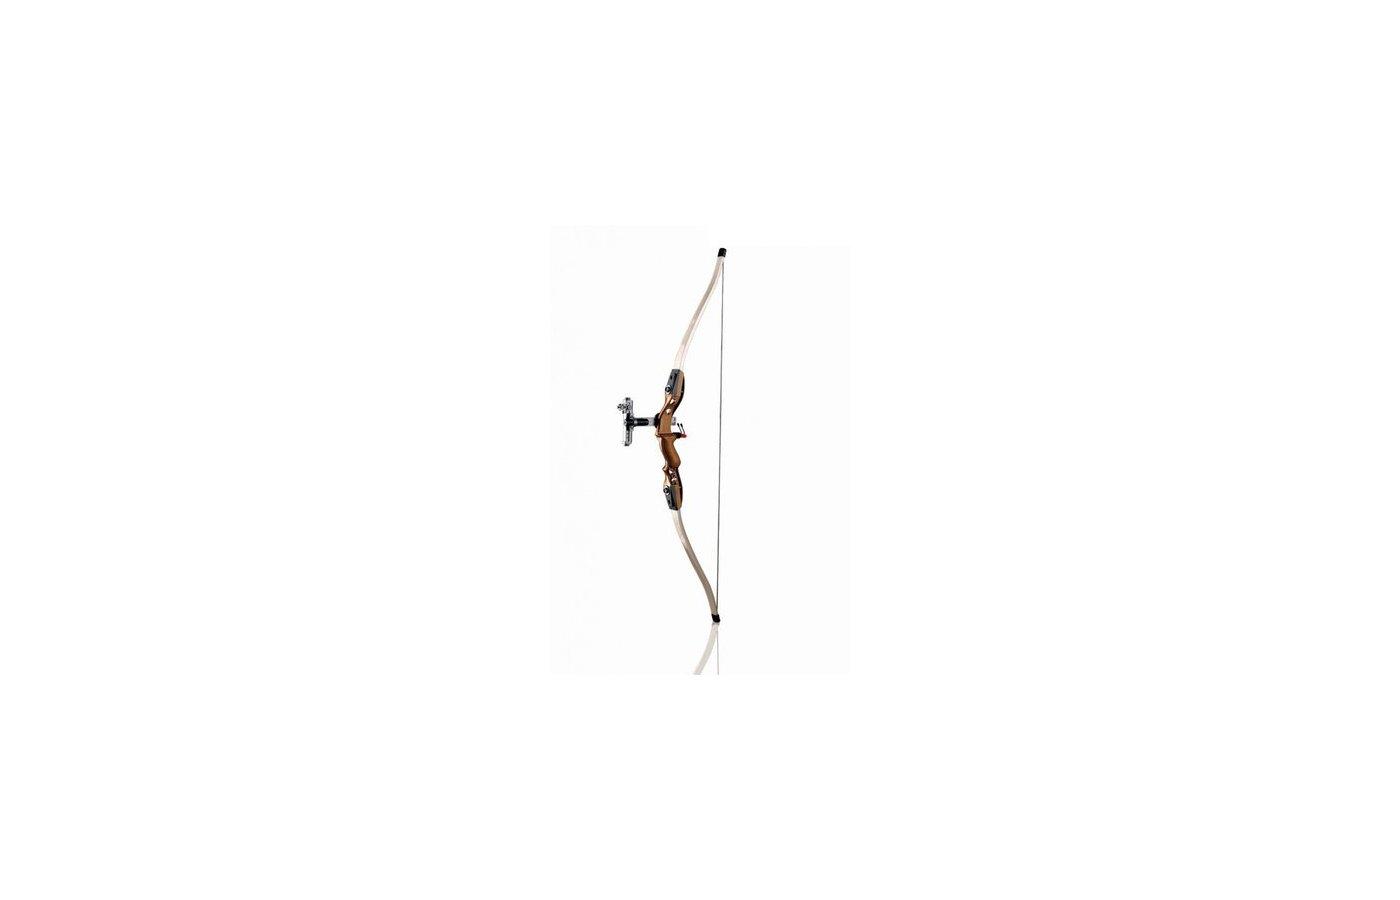 Игрушка Mioshi Army MAR1108-001 игровой набор Лучник, охотник